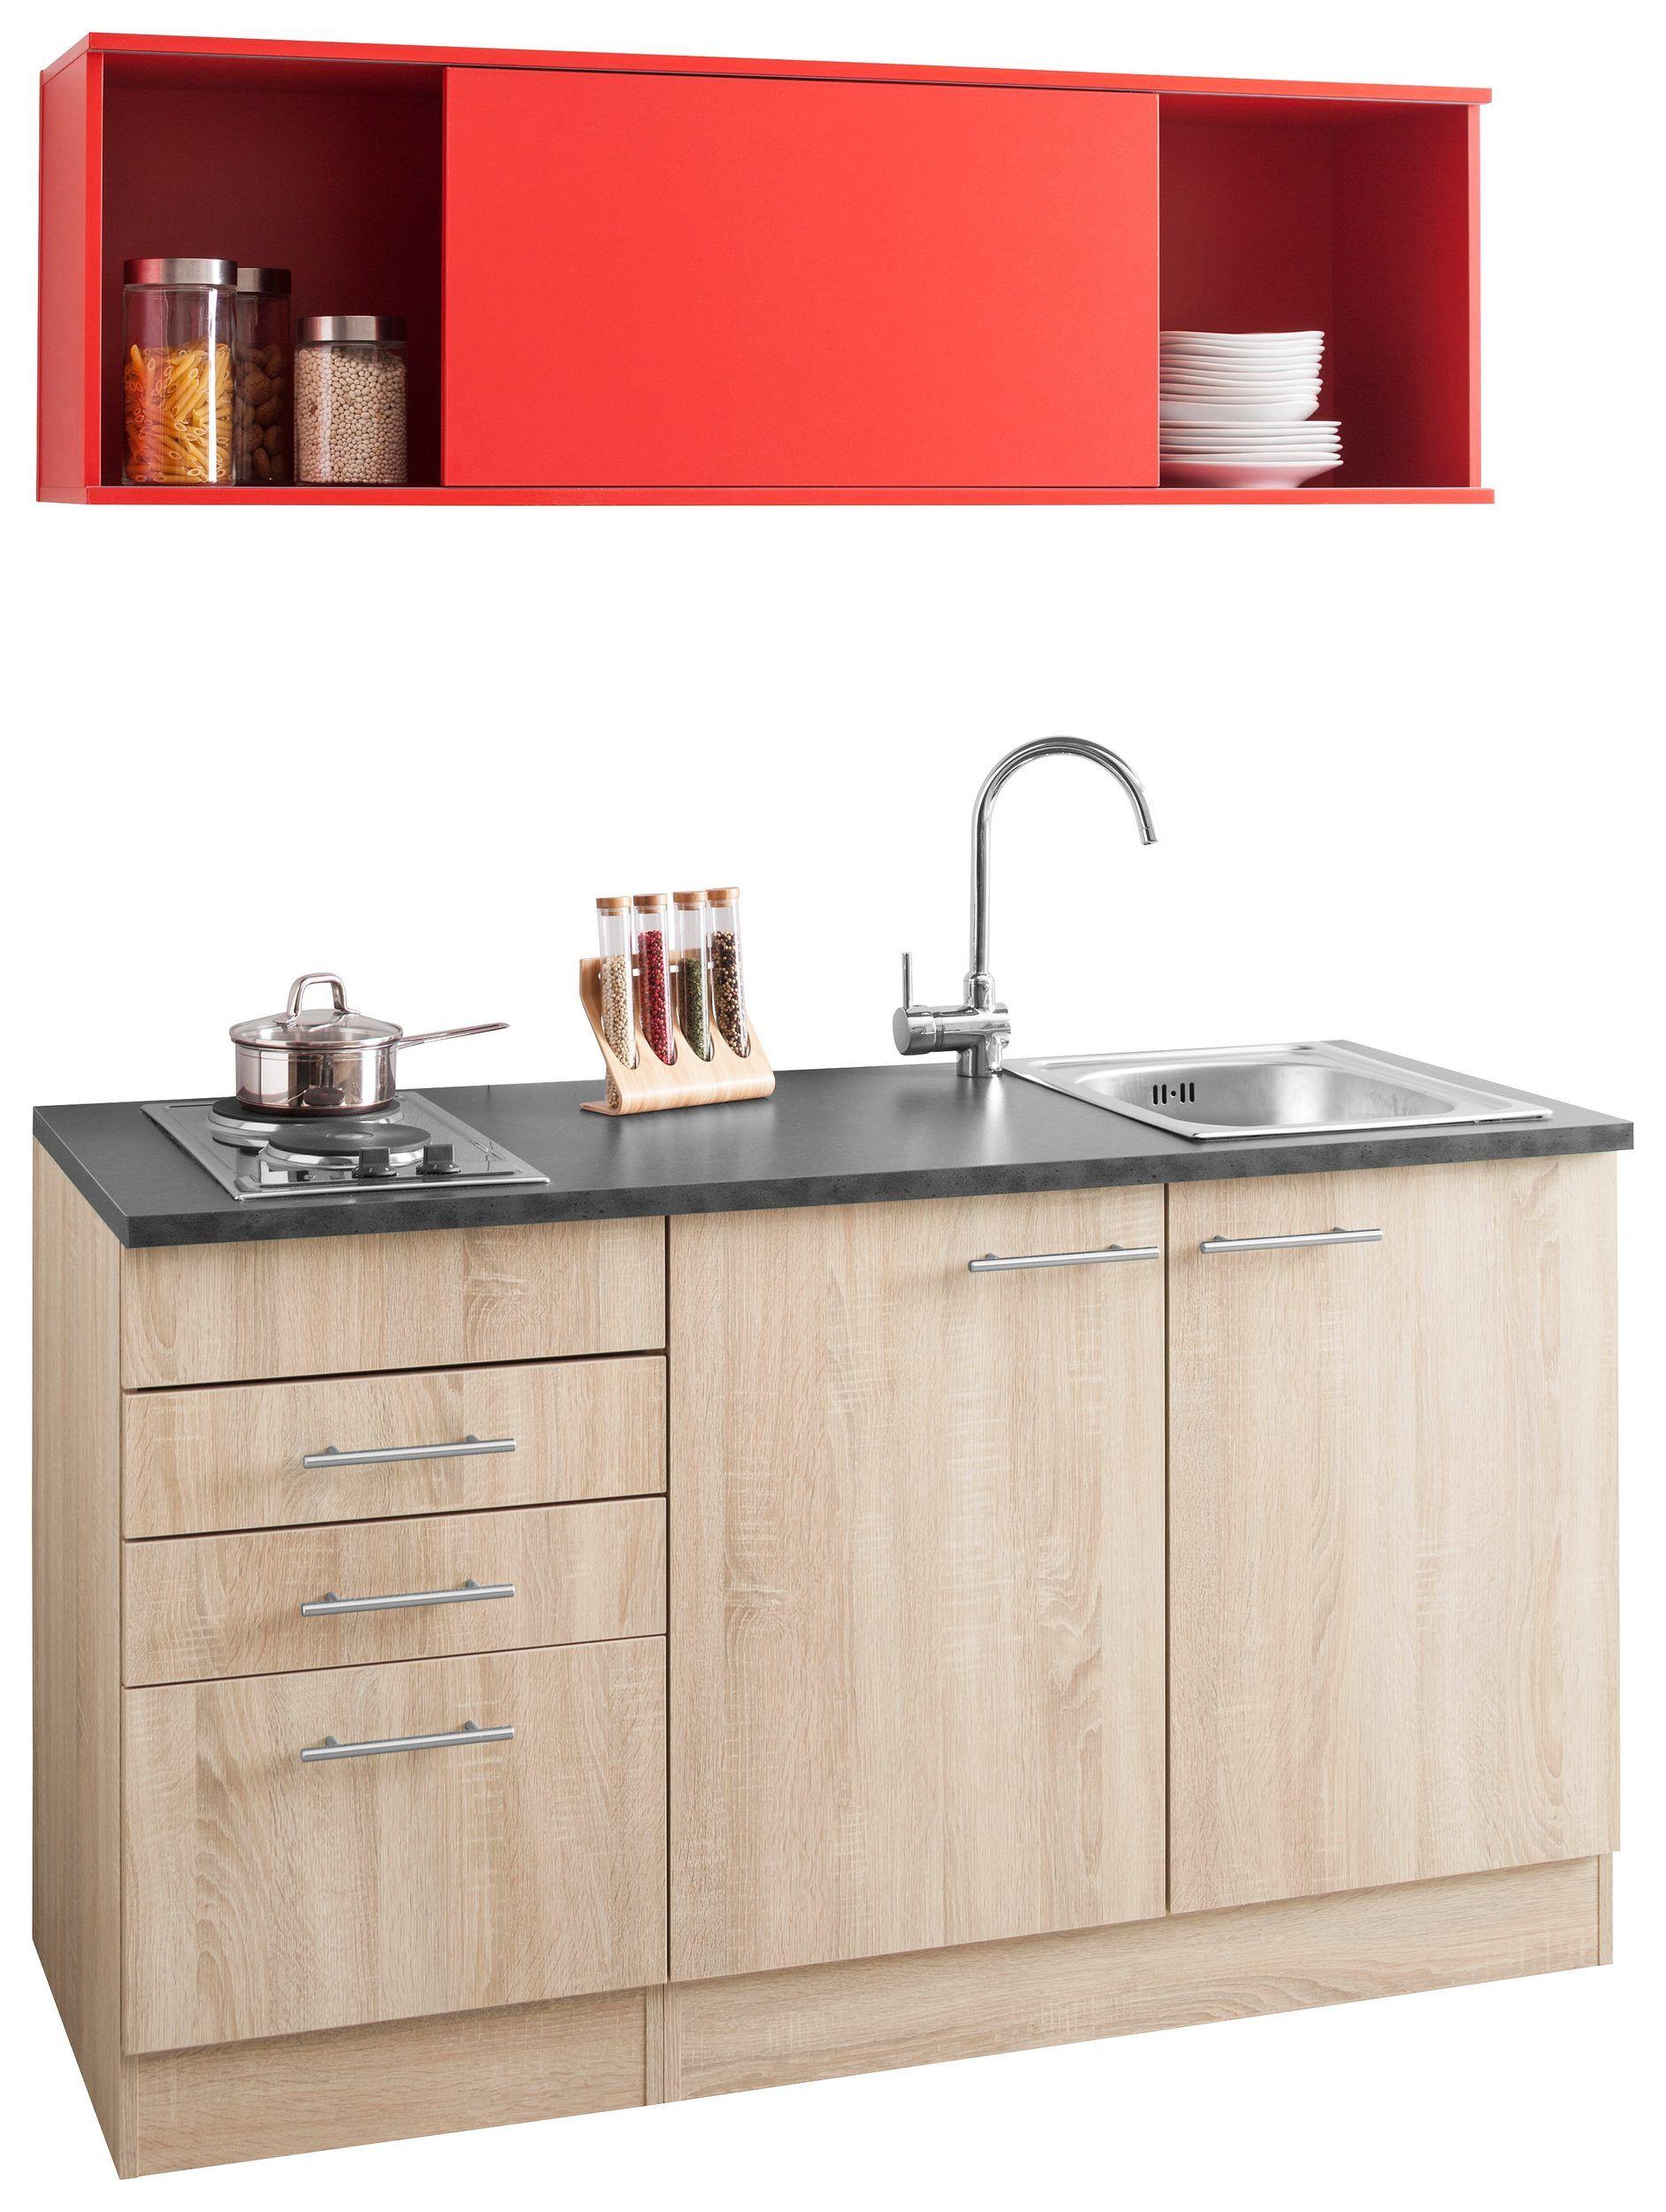 OPTIFIT Küchenzeile Kitchen IShape, HELD